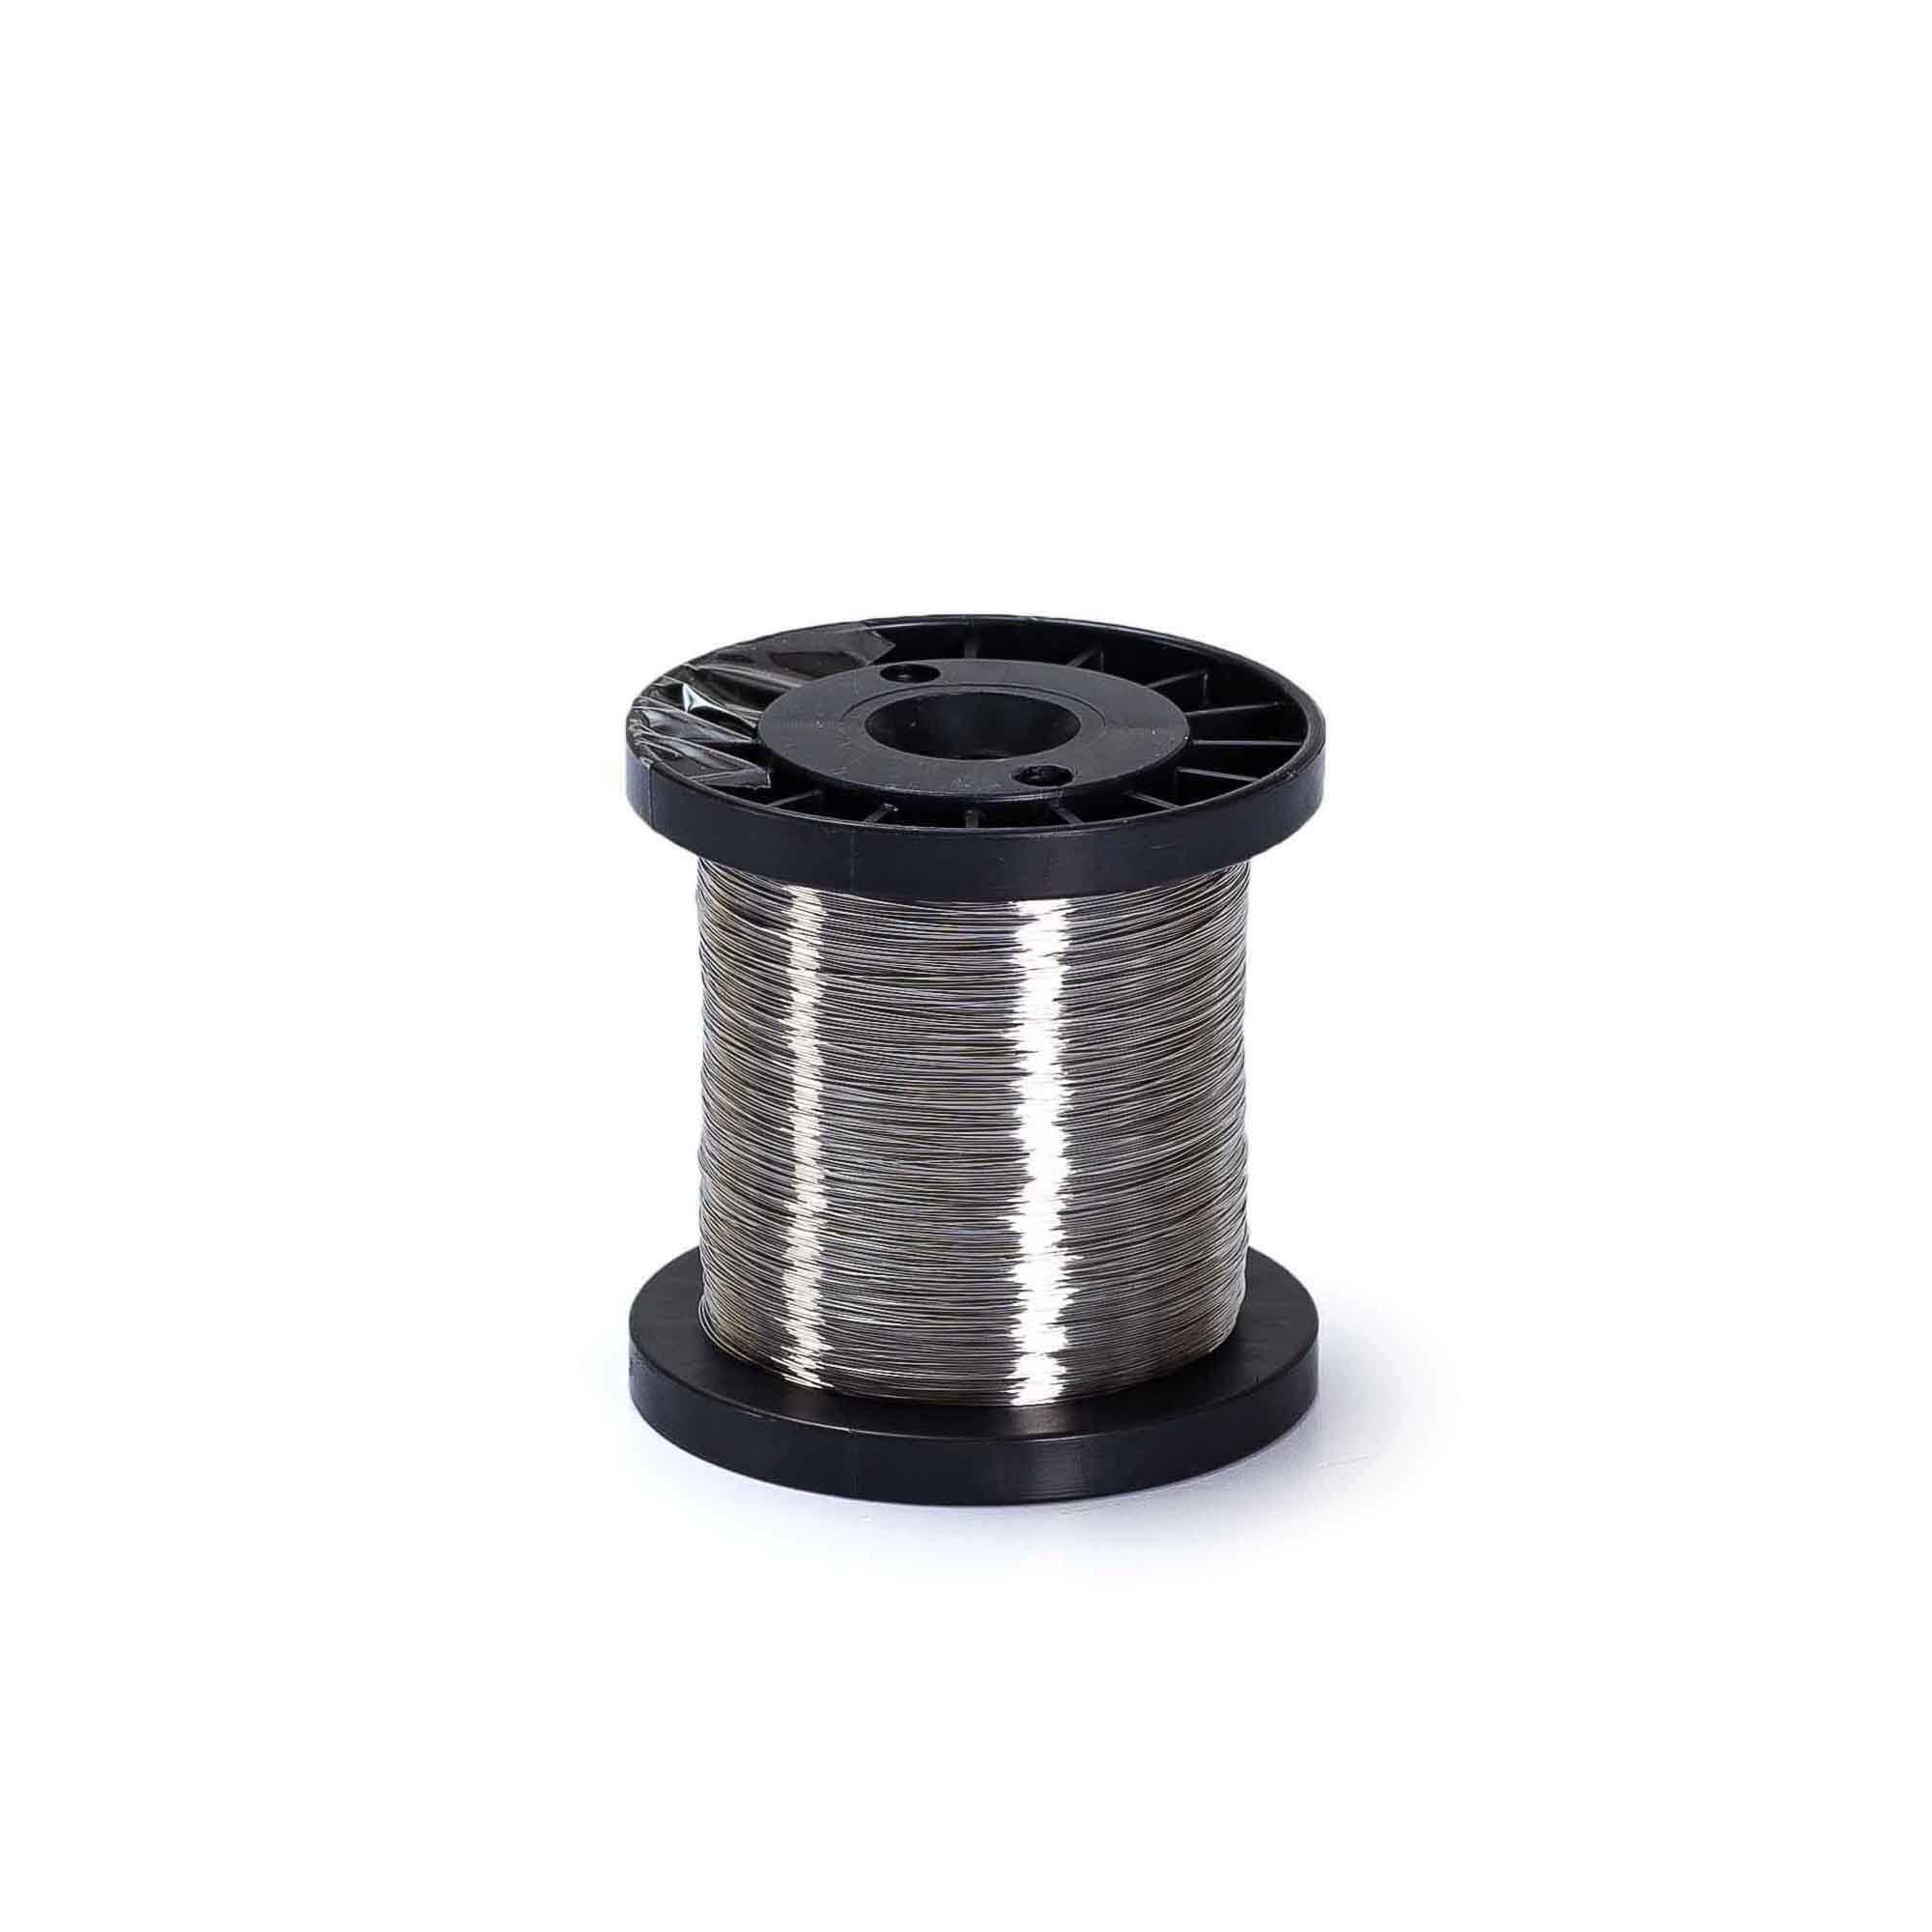 Arame de Aço Inox 0.30 / Rolo 500G